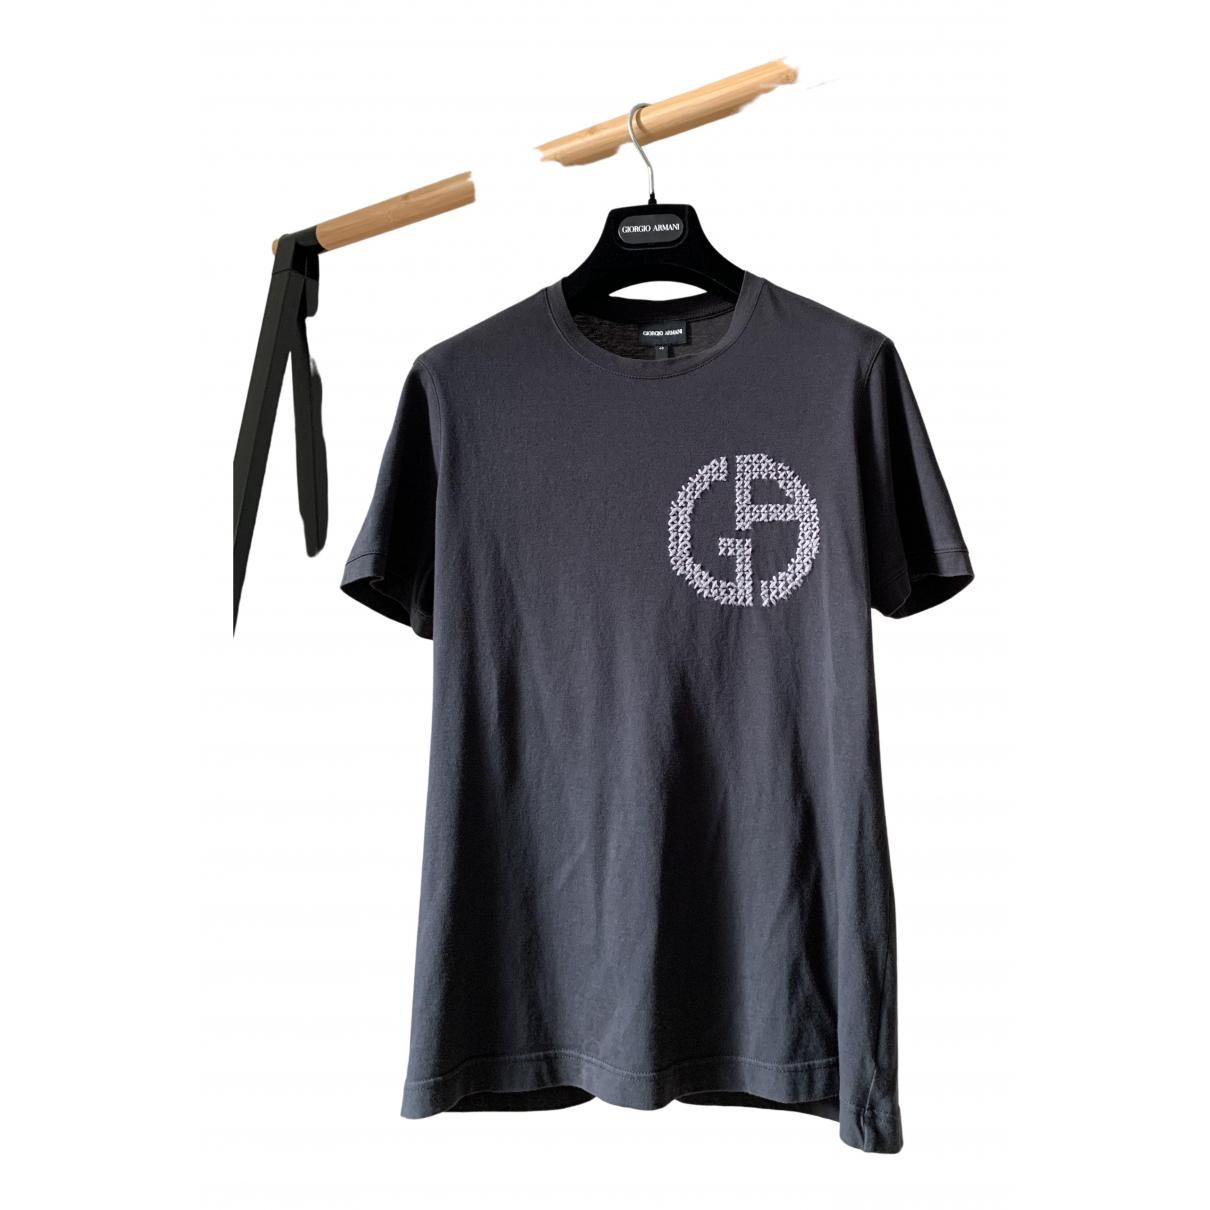 Giorgio Armani - Tee shirts   pour homme en coton - noir